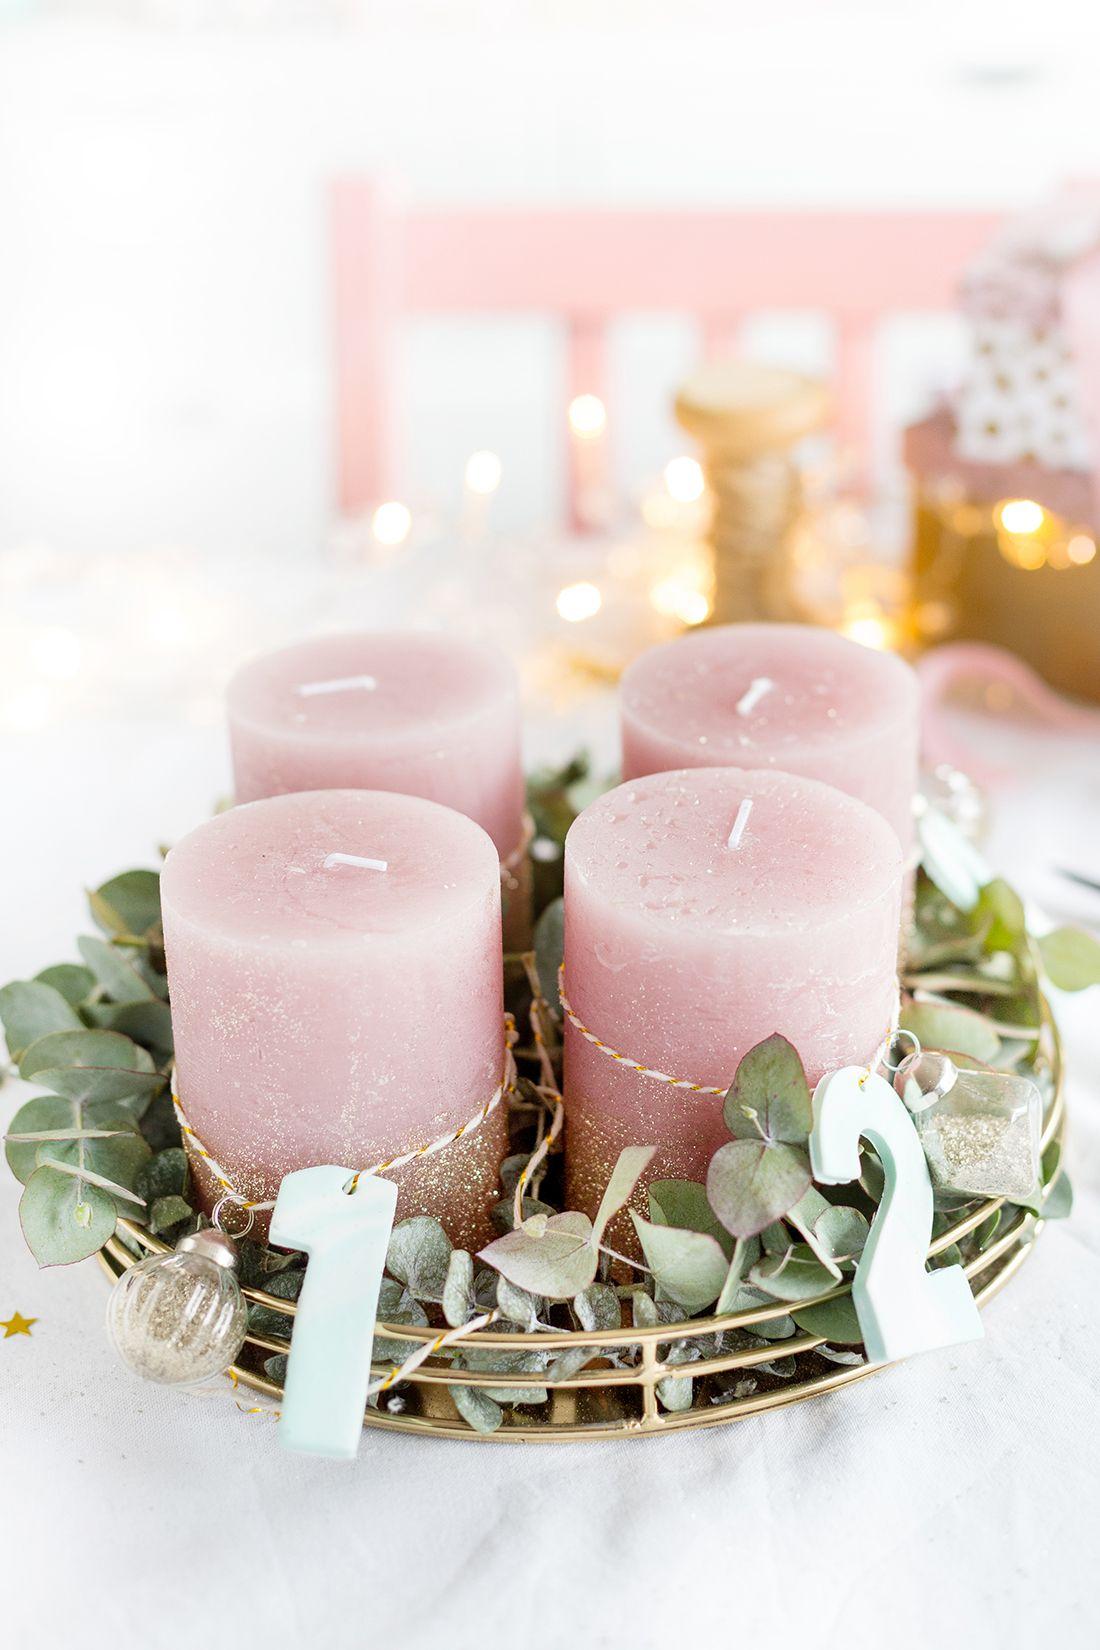 Einfacher DIY Adventskranz Zum Selbermachen: Adventskranz Mit Zahlen Aus  Fimo Und Eukalyptus | Basteln Für Weihnachten Und Dekoideen